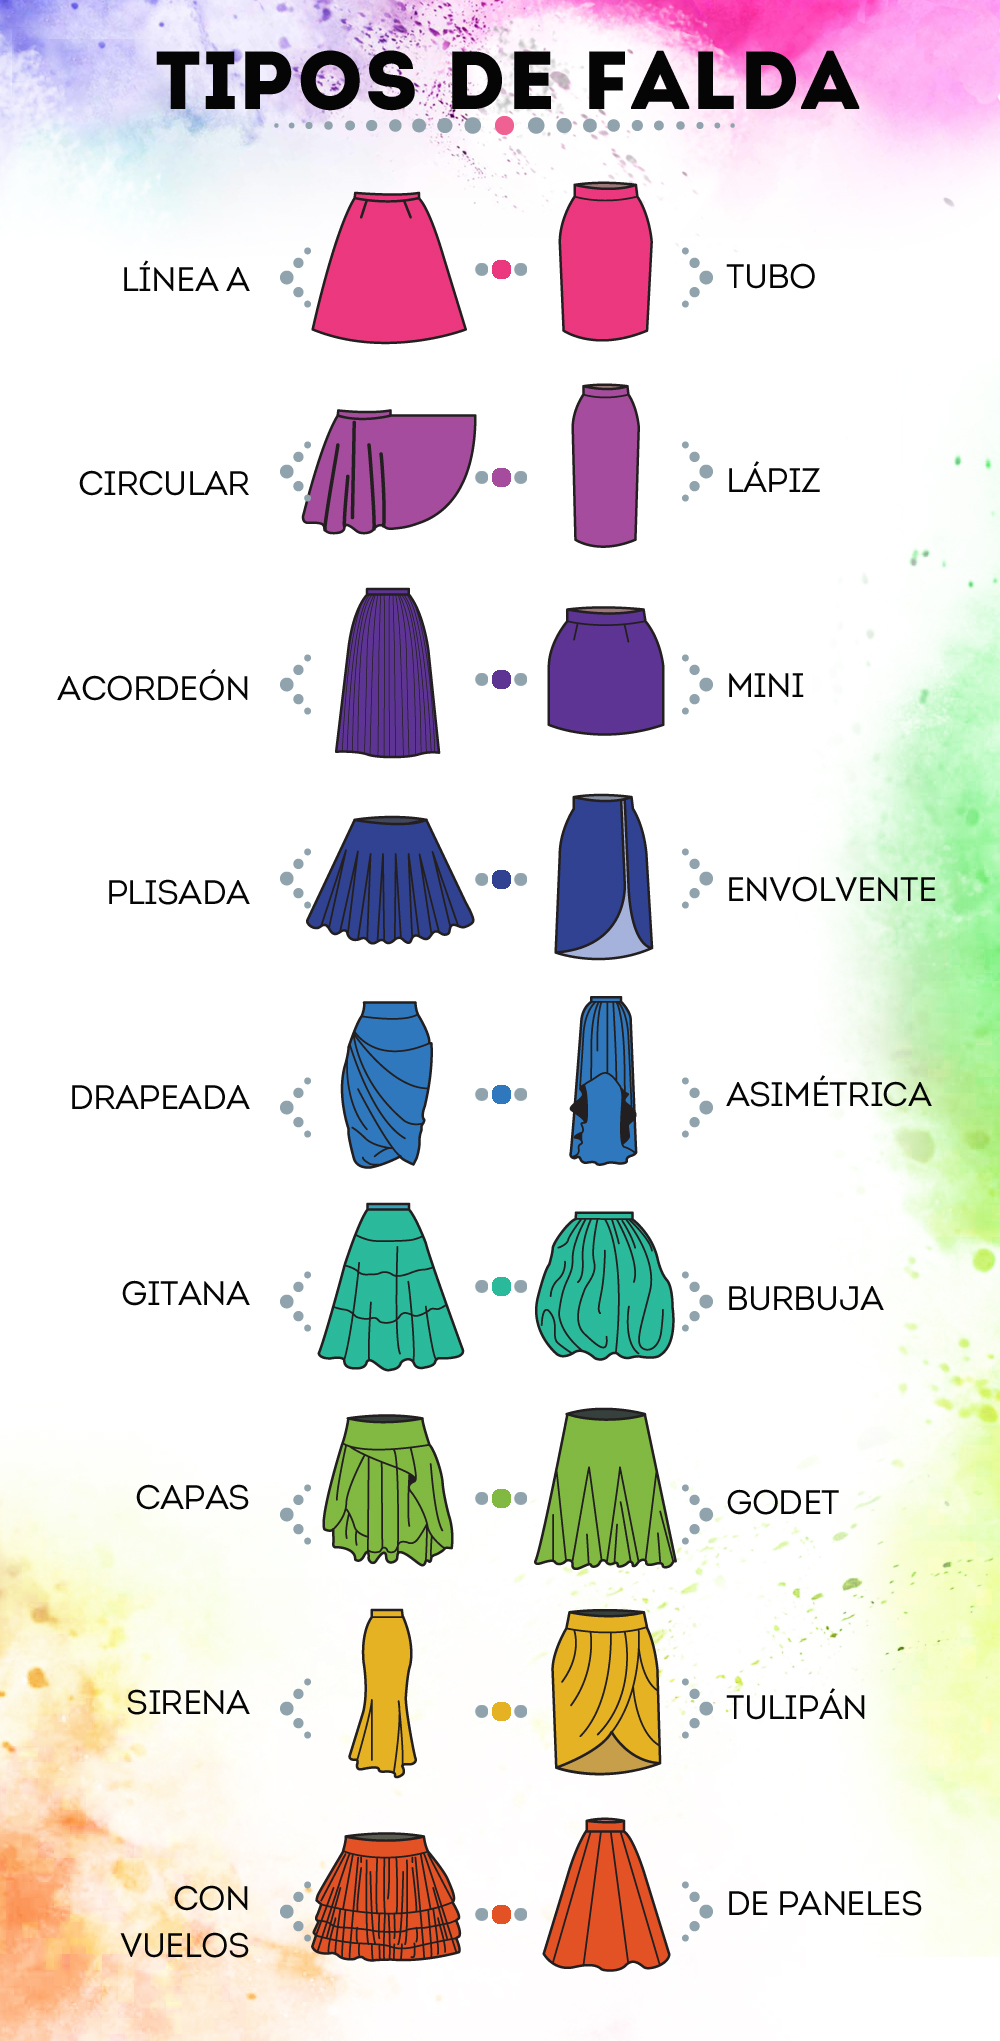 Vocabulario de moda tipos de falda viste la calle for Tipos de arboles y su significado